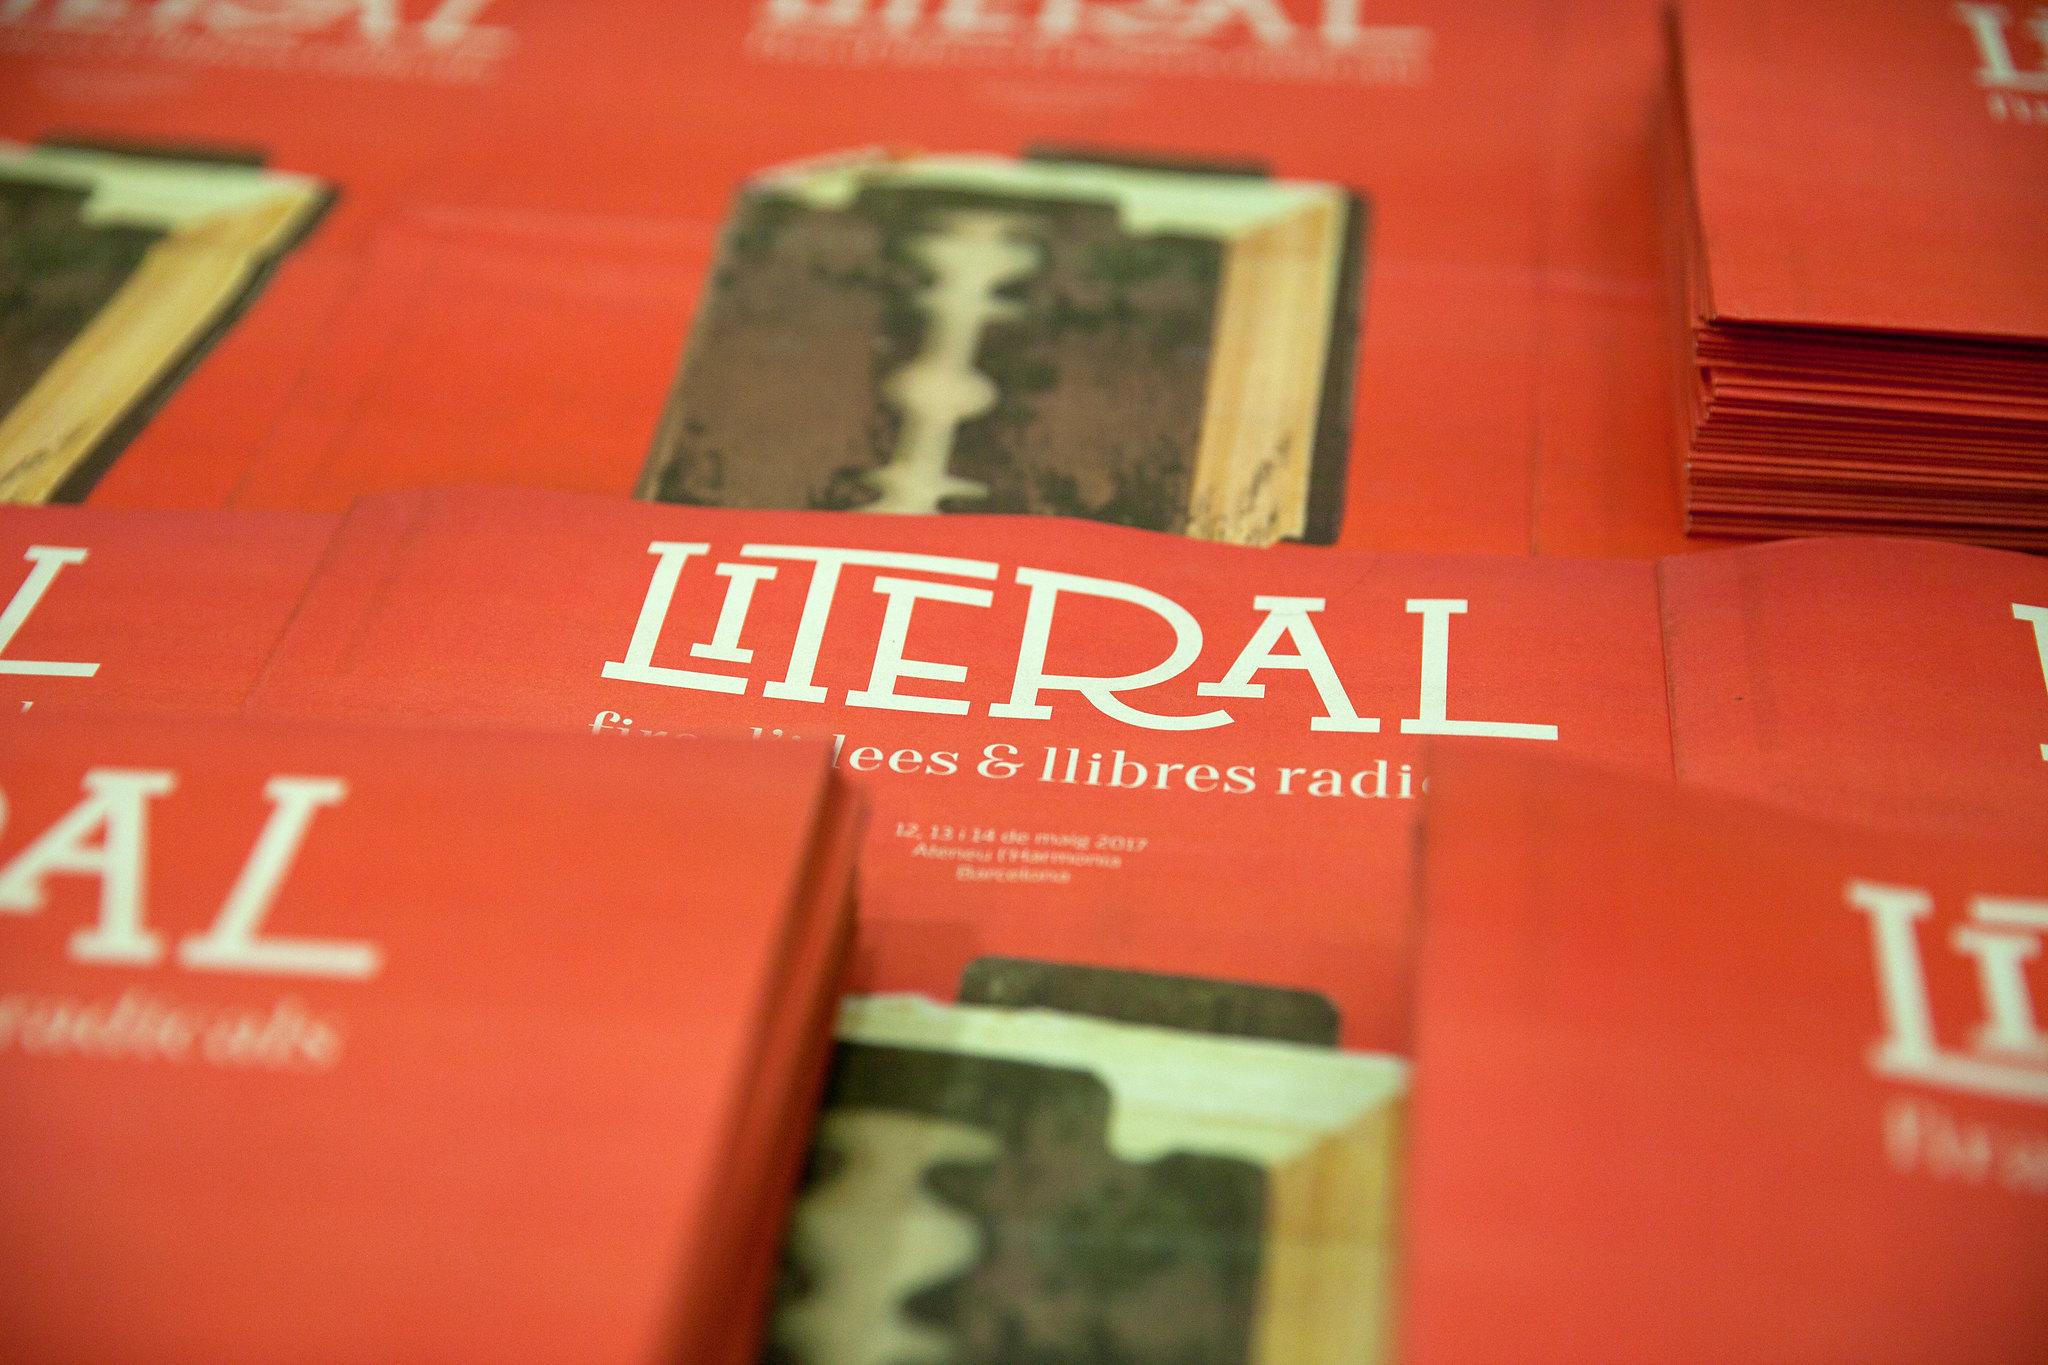 Conferència inaugural de la fira Literal 2017